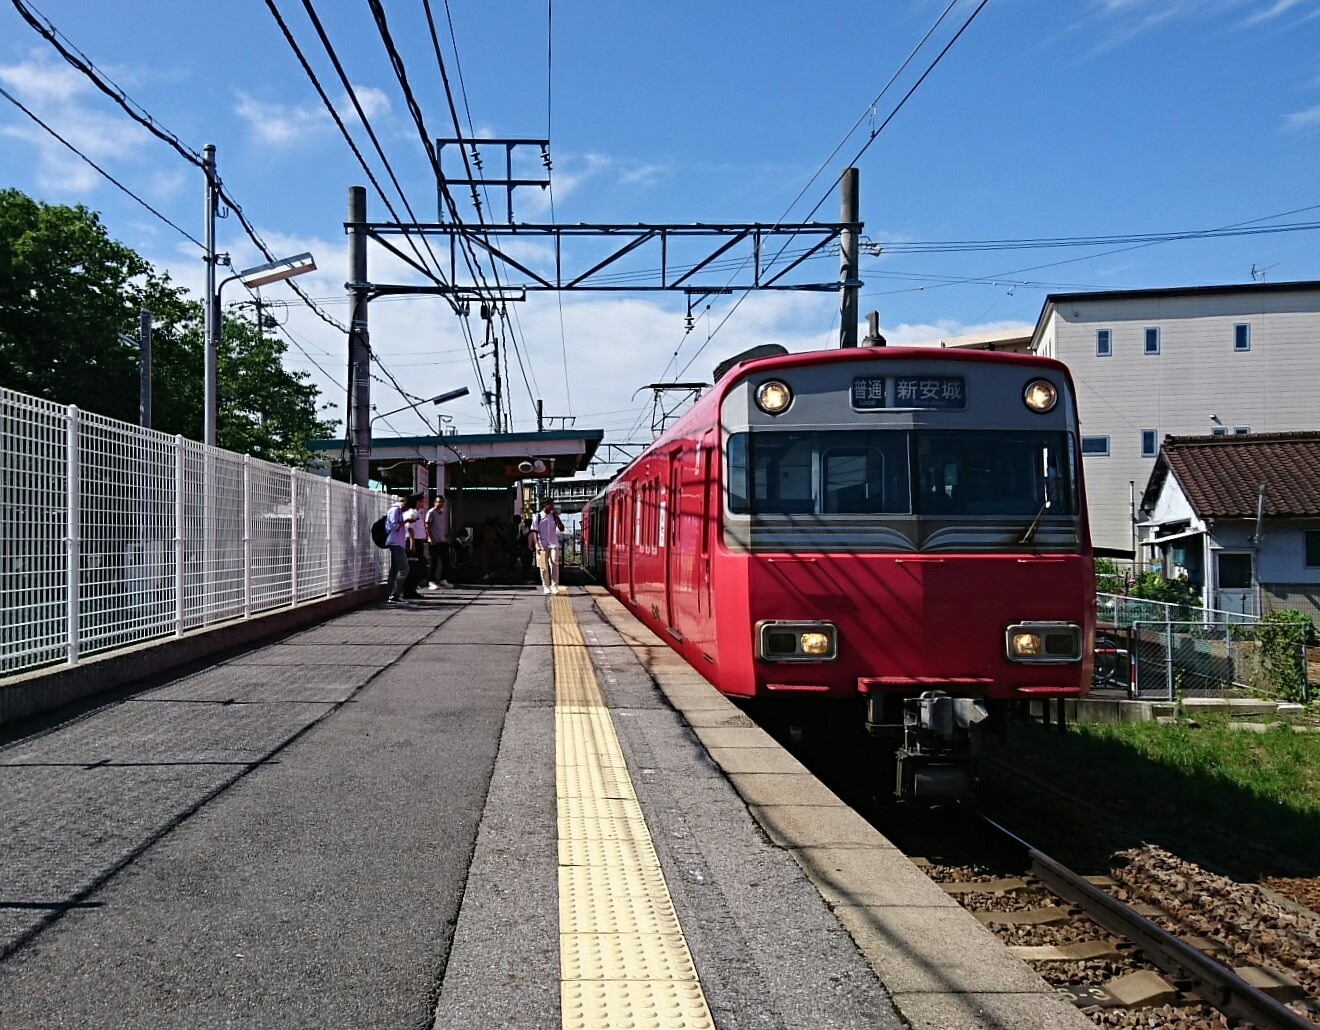 2018.6.1 岐阜 (1) 古井 - しんあんじょういきふつう 1320-1030